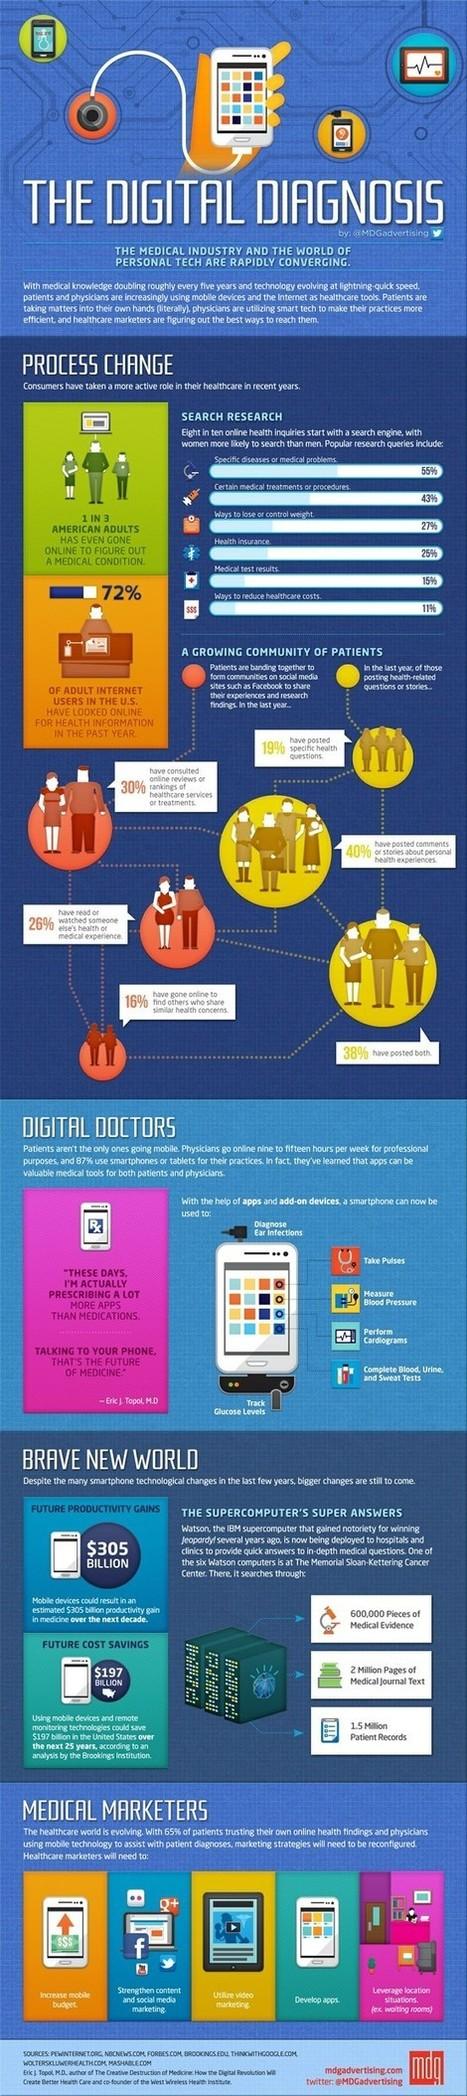 La convergence de l'industrie médicale et du digital en une seule image | De la E santé...à la E pharmacie..y a qu'un pas (en fait plusieurs)... | Scoop.it